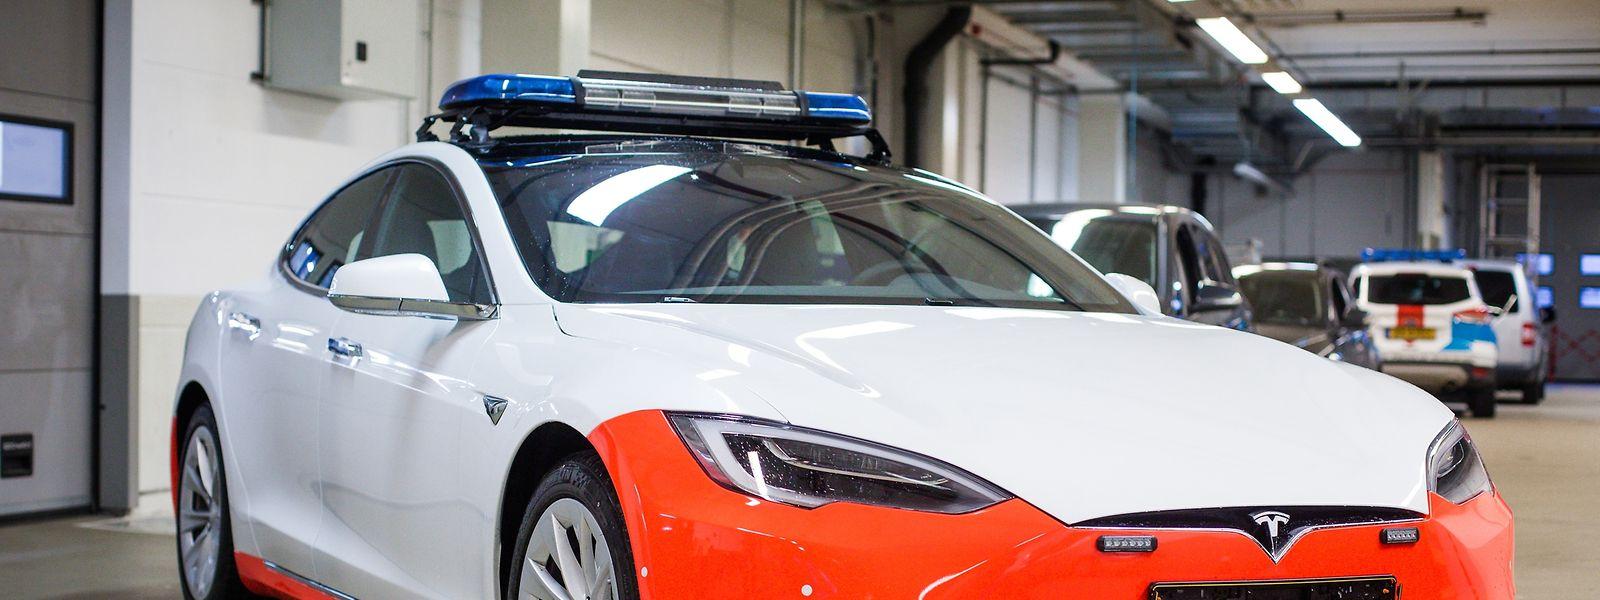 Um dos dois modelos Tesla S da polícia luxemburguesa que ainda não saíram da garagem.